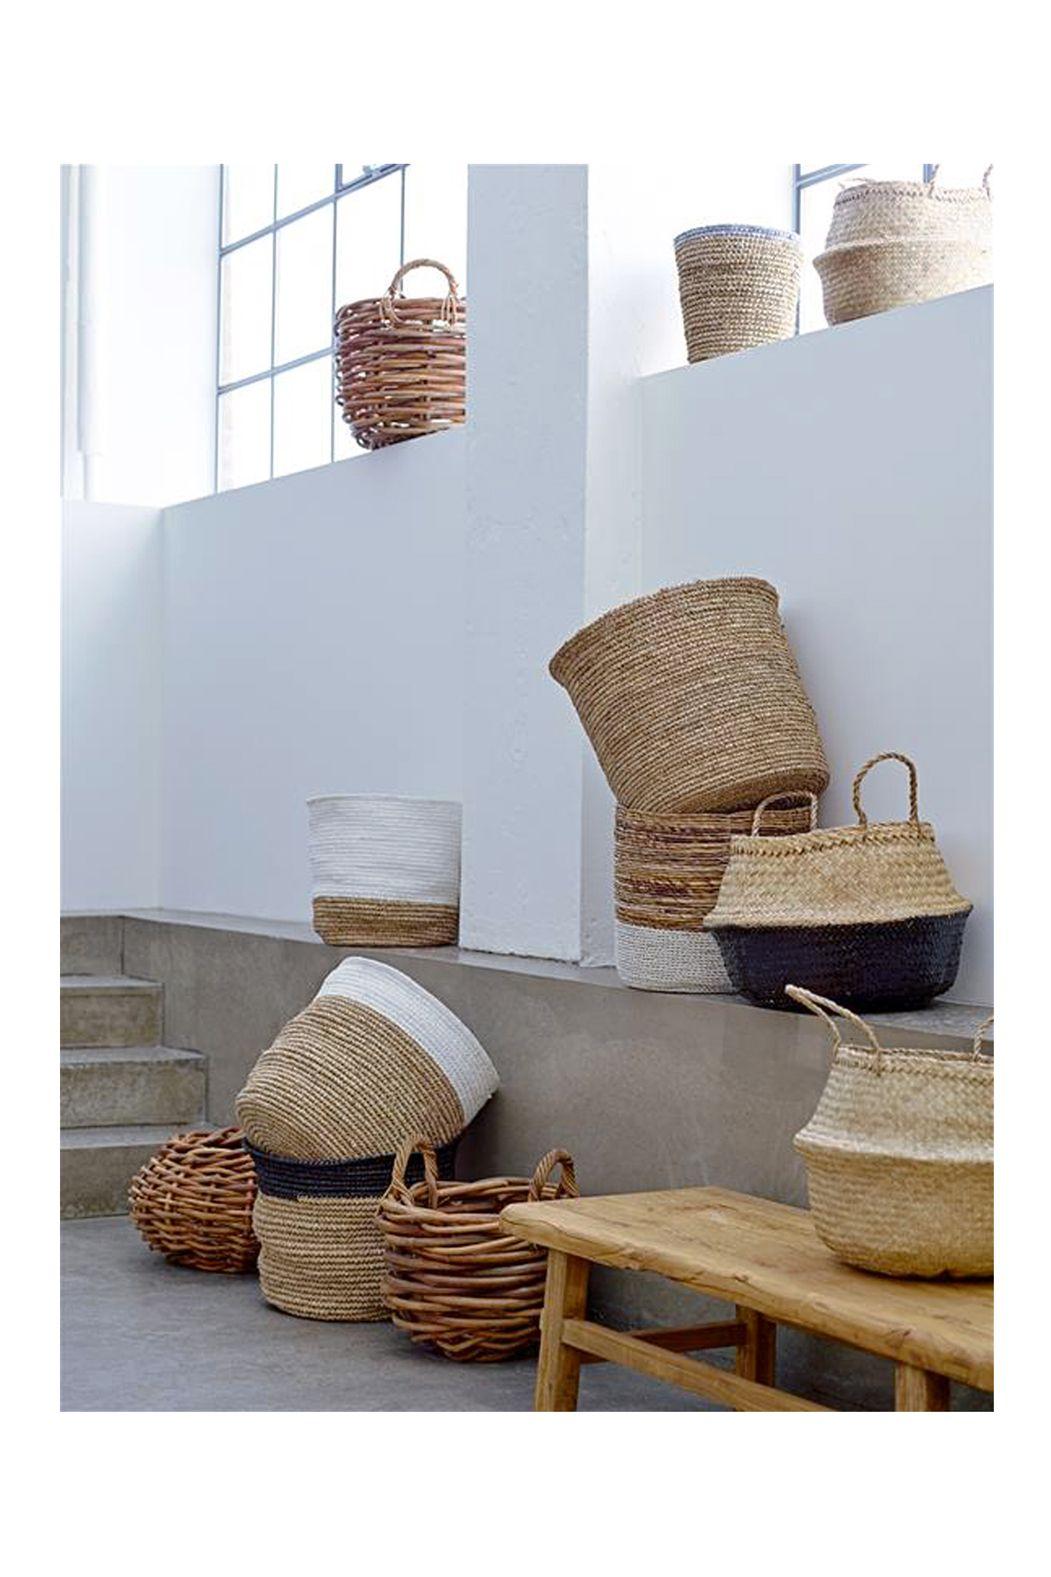 panier boule en jonc de mer avec anses sweet home home decor baskets home decor et basket. Black Bedroom Furniture Sets. Home Design Ideas